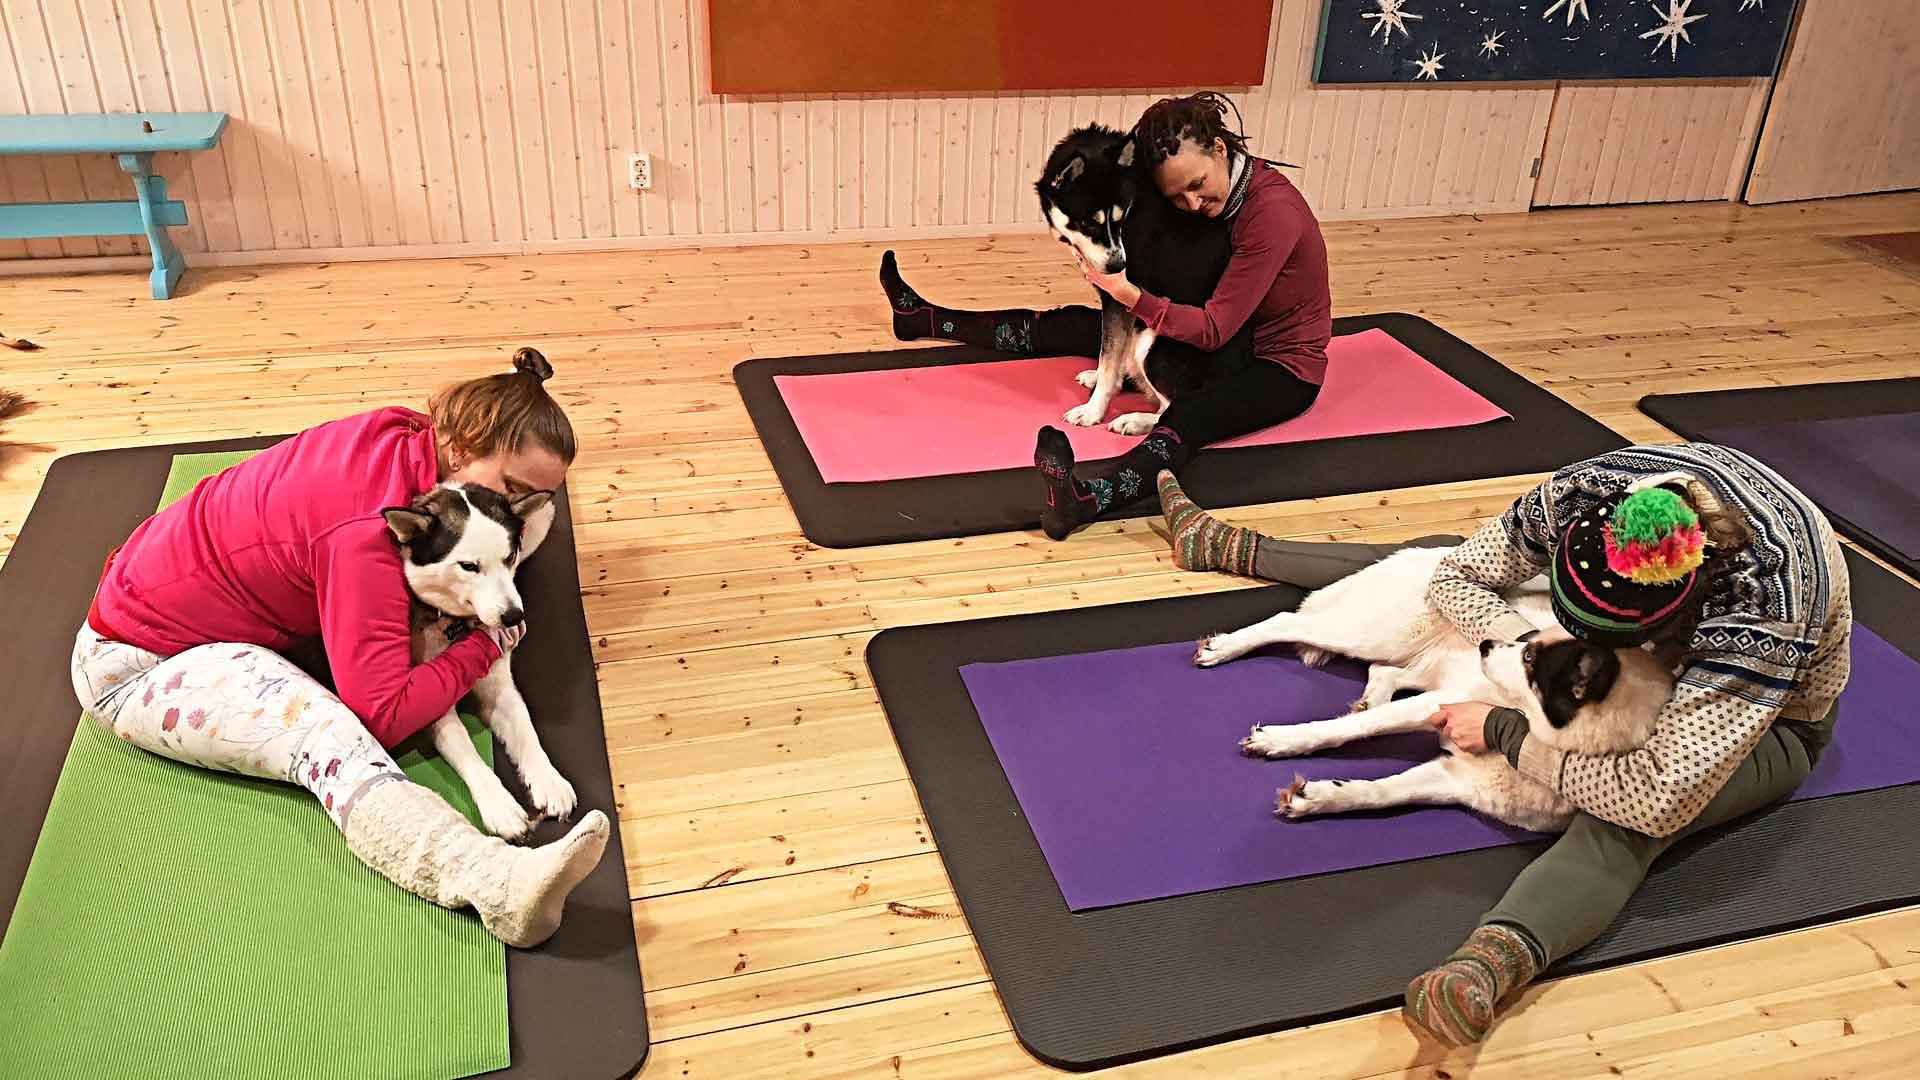 Huskyjoogaa järjestävät yhteistyössä Talliaitta Wellbeing, joogaohjaaja Miia Ritola, Husky Outdoor Levi ja Loma-Paksu.